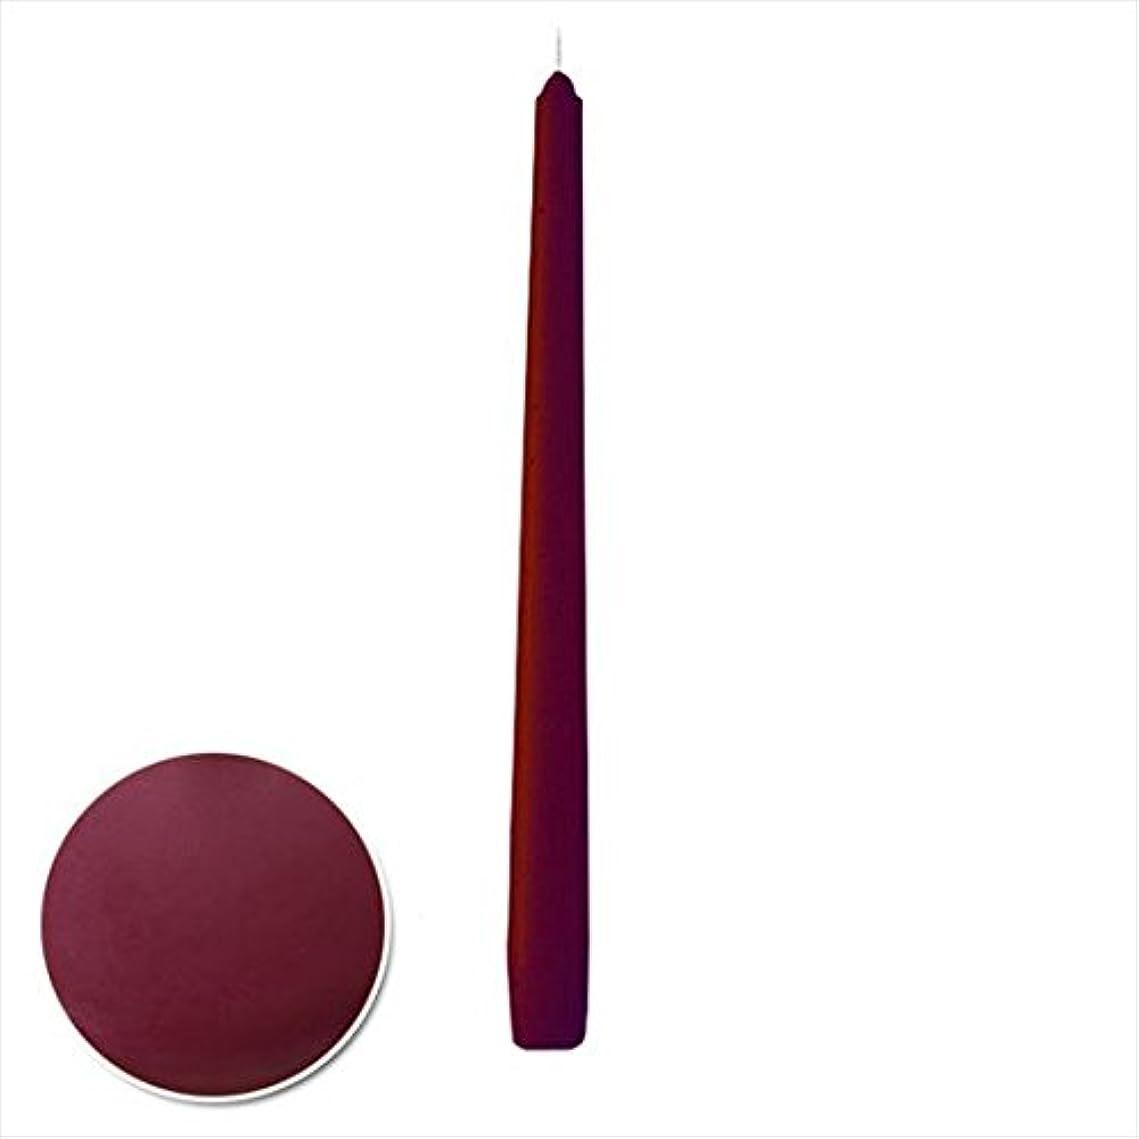 祈りピジン代替カメヤマキャンドル( kameyama candle ) 12インチテーパー 「 ボルドー 」 12本入り